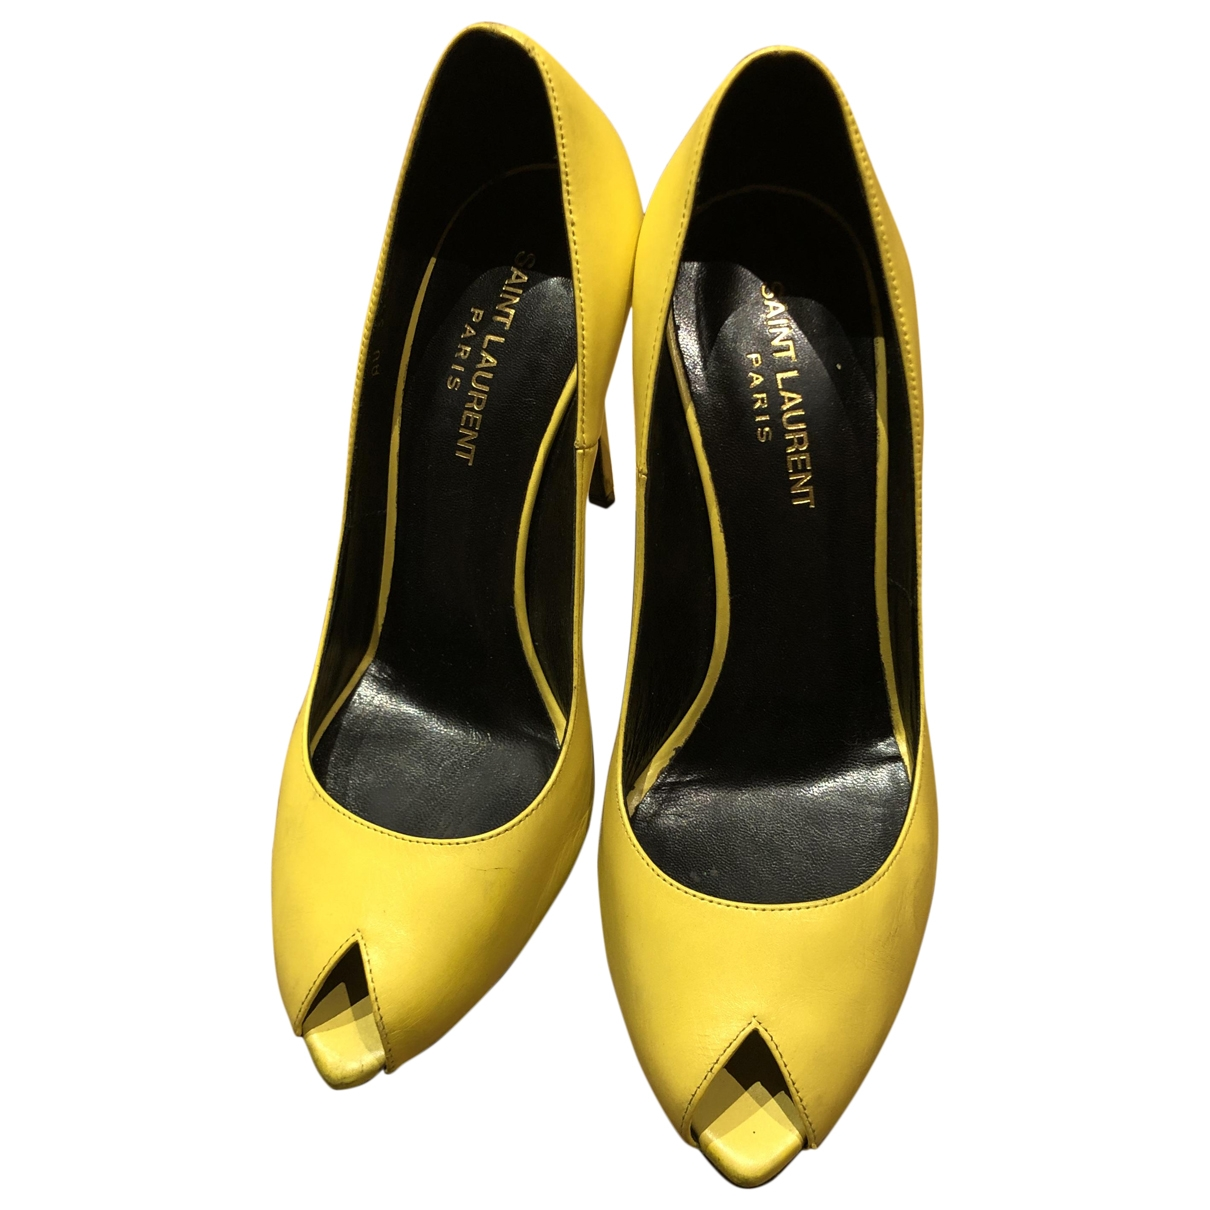 Saint Laurent - Escarpins   pour femme en cuir - jaune